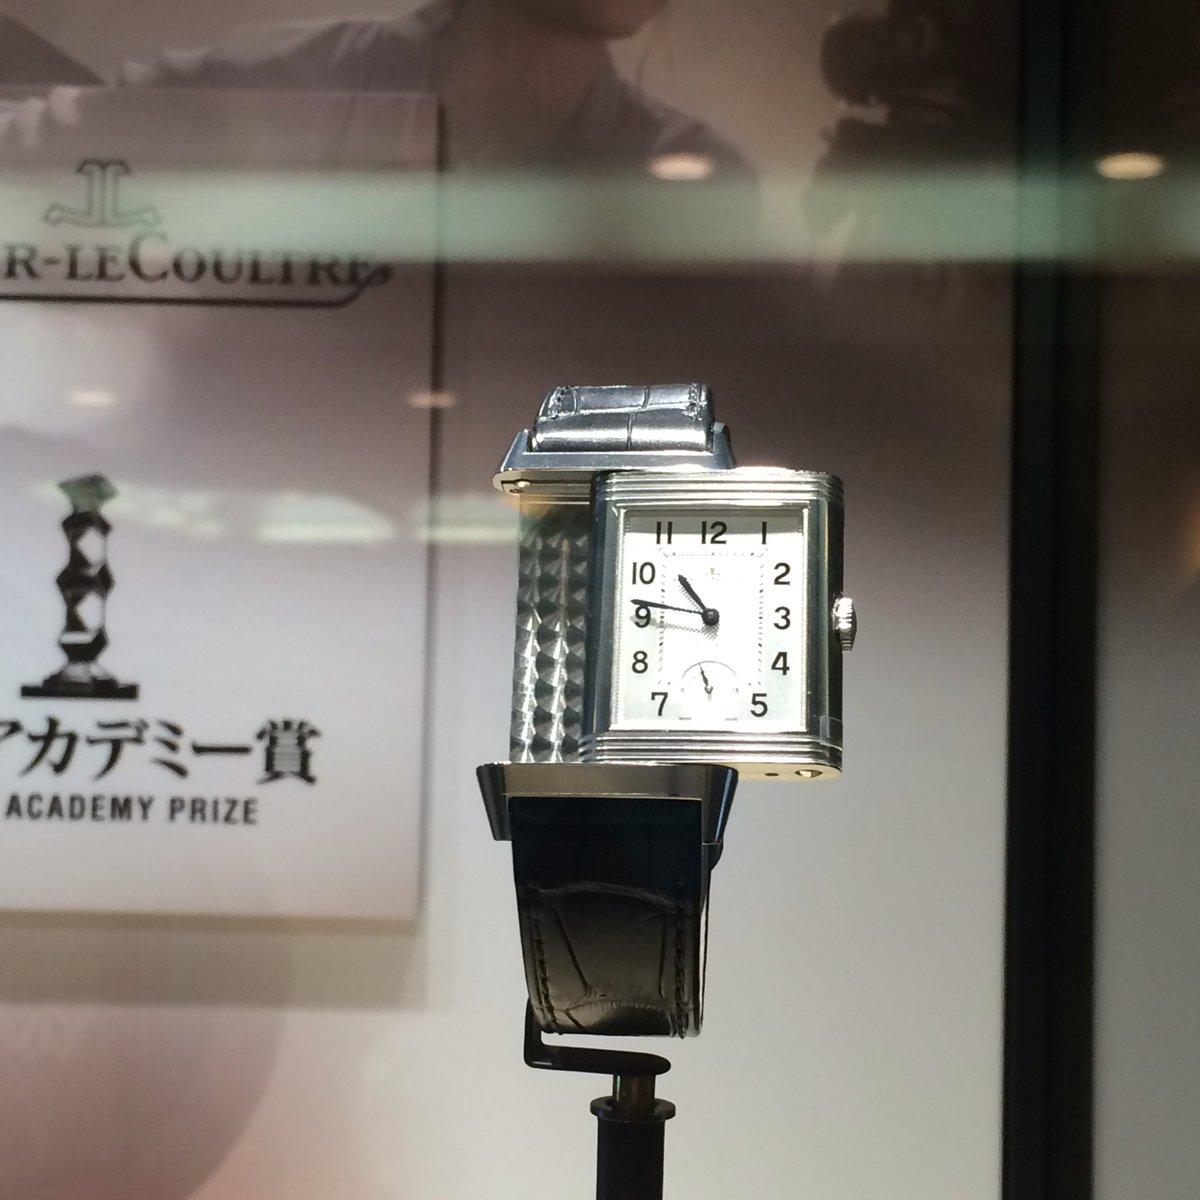 受賞者に贈られた時計、飾ってた。 https://t.co/2HPnehTtwP